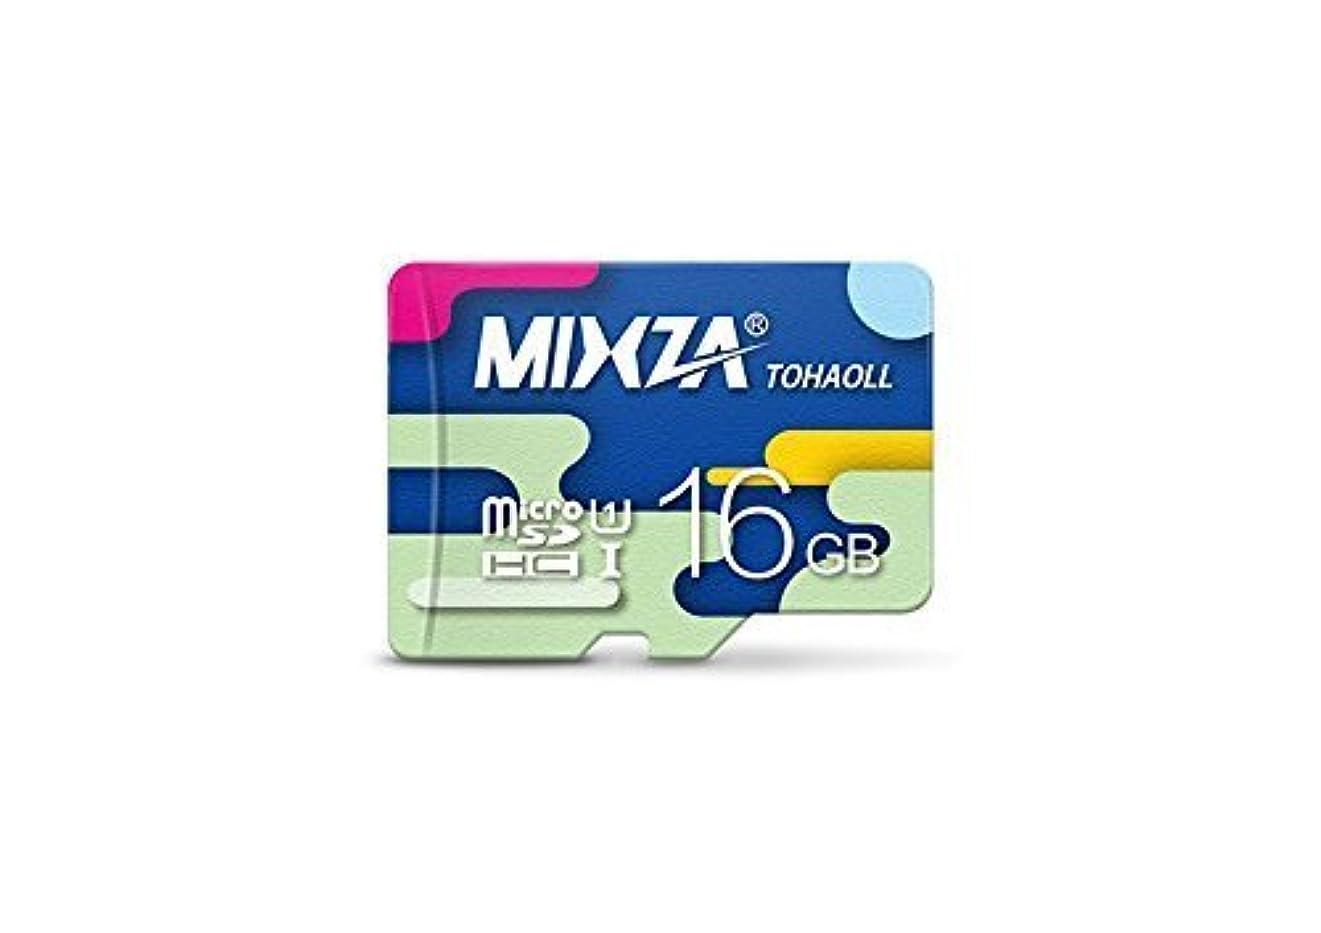 追加有名悲惨プロフェッショナル16GB MicroSDHC認定 Oppo Realme 2 Pro用 MIXZAはPro-Speed、耐熱性、耐寒性に優れ、一生涯使用できるように作られています。 (UHS-I/3.0/80MB/s)